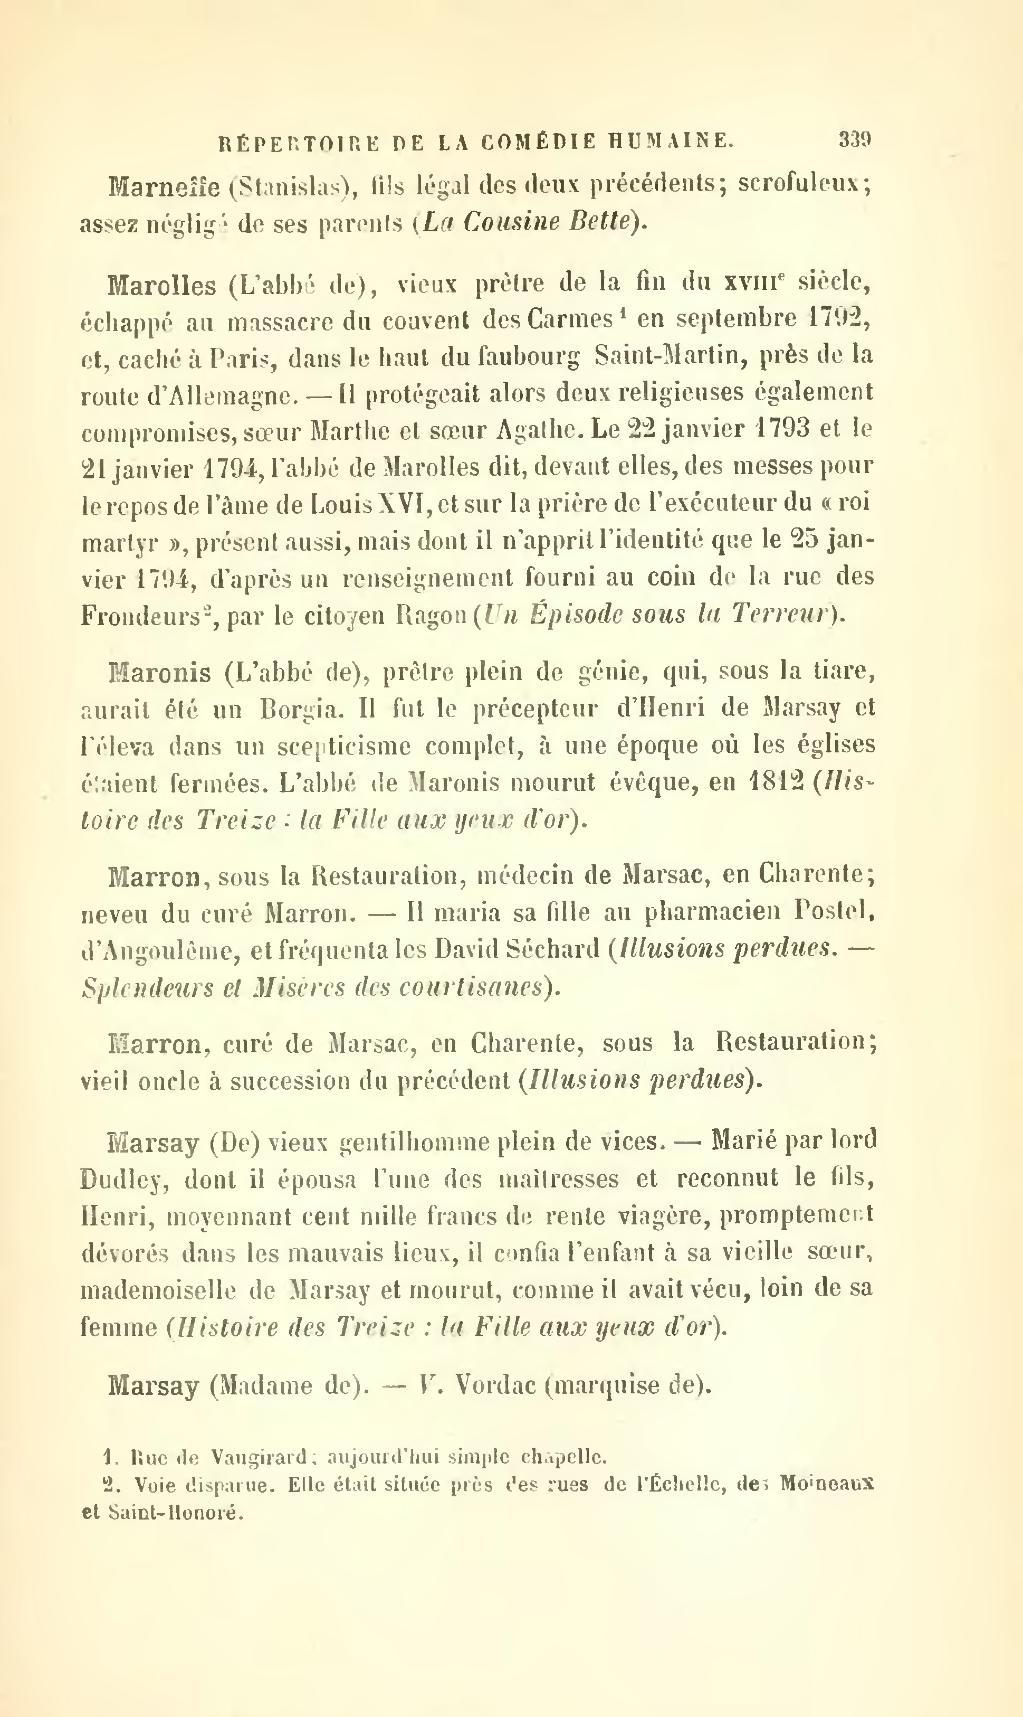 Les Moineaux De La Mariée page:comédie humaine - répertoire.djvu/363 - wikisource